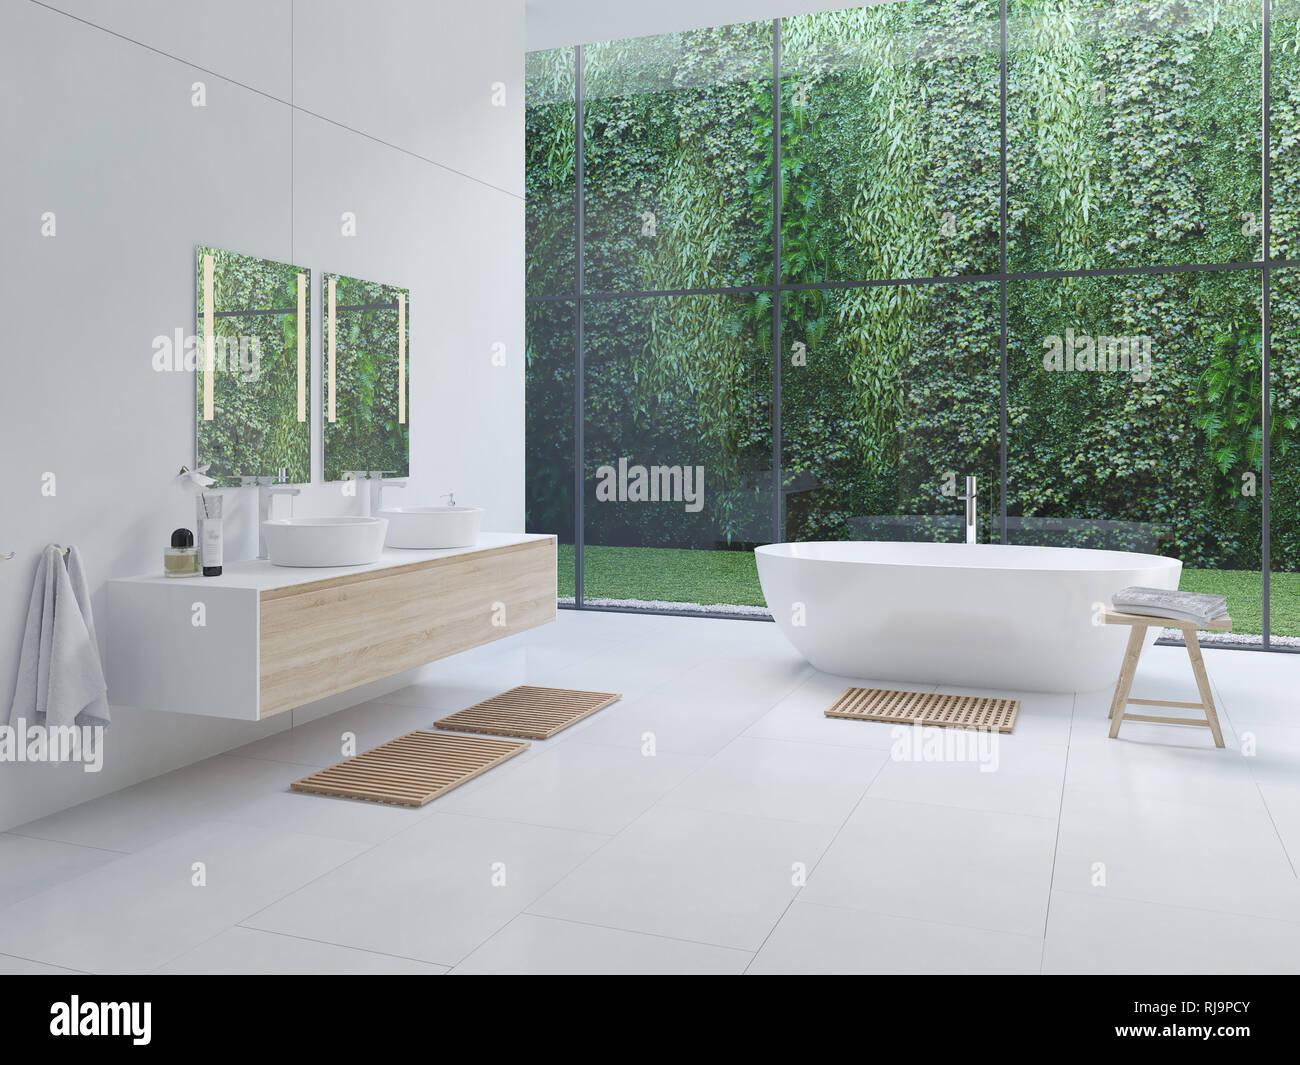 3D new modern zen bathroom with tropic plants. 3d rendering ... Zen Bathroom Modern Interior Design on bathroom with black accents, modern bathroom interior design, powder room interior design,